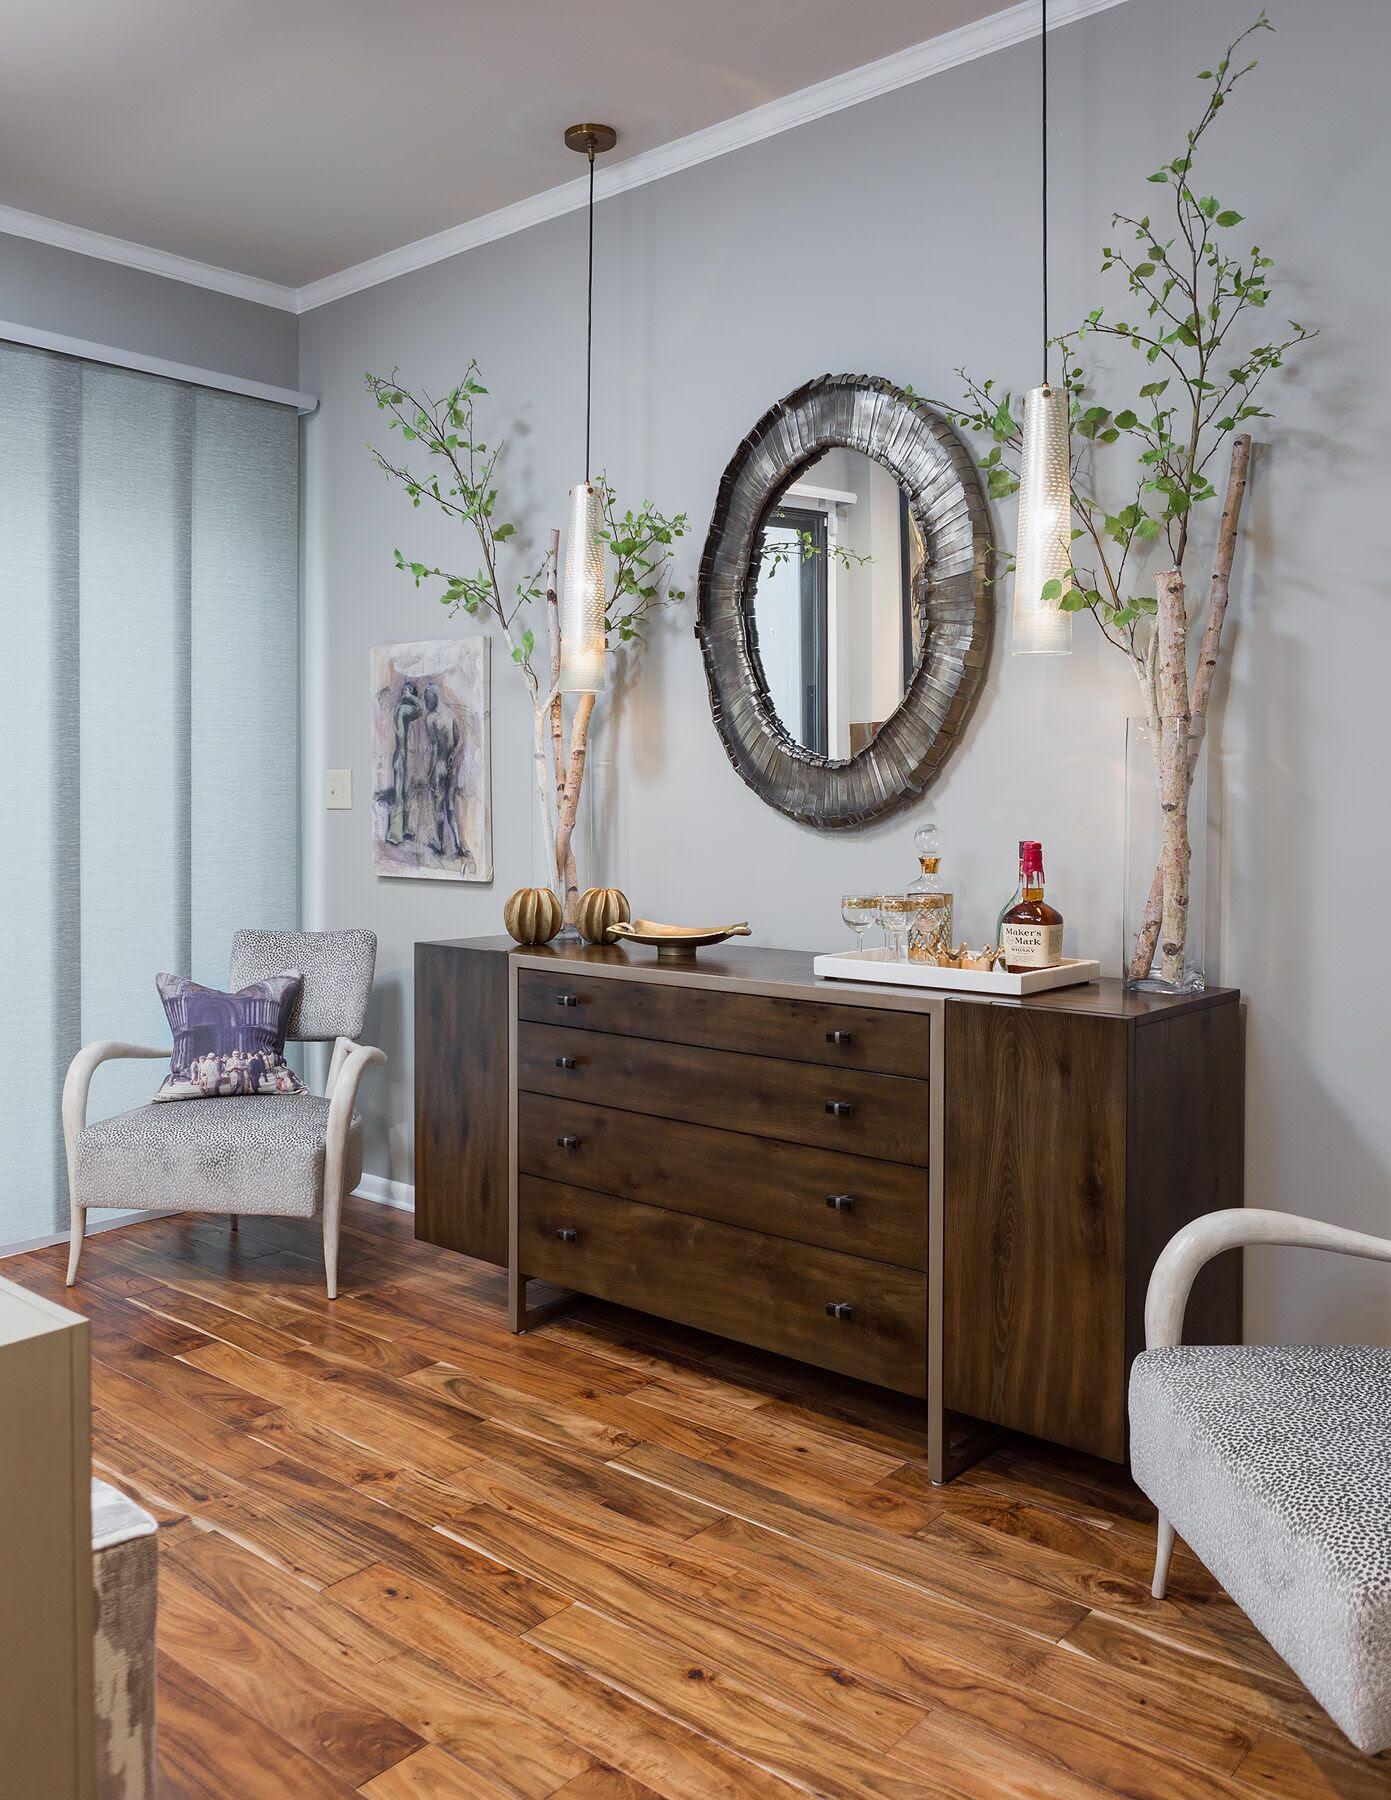 DESIGNER SPOTLIGHT - Cheryl Kees Clendenon, #livingroom #modernlivingroom #roundmirror #antlerchair